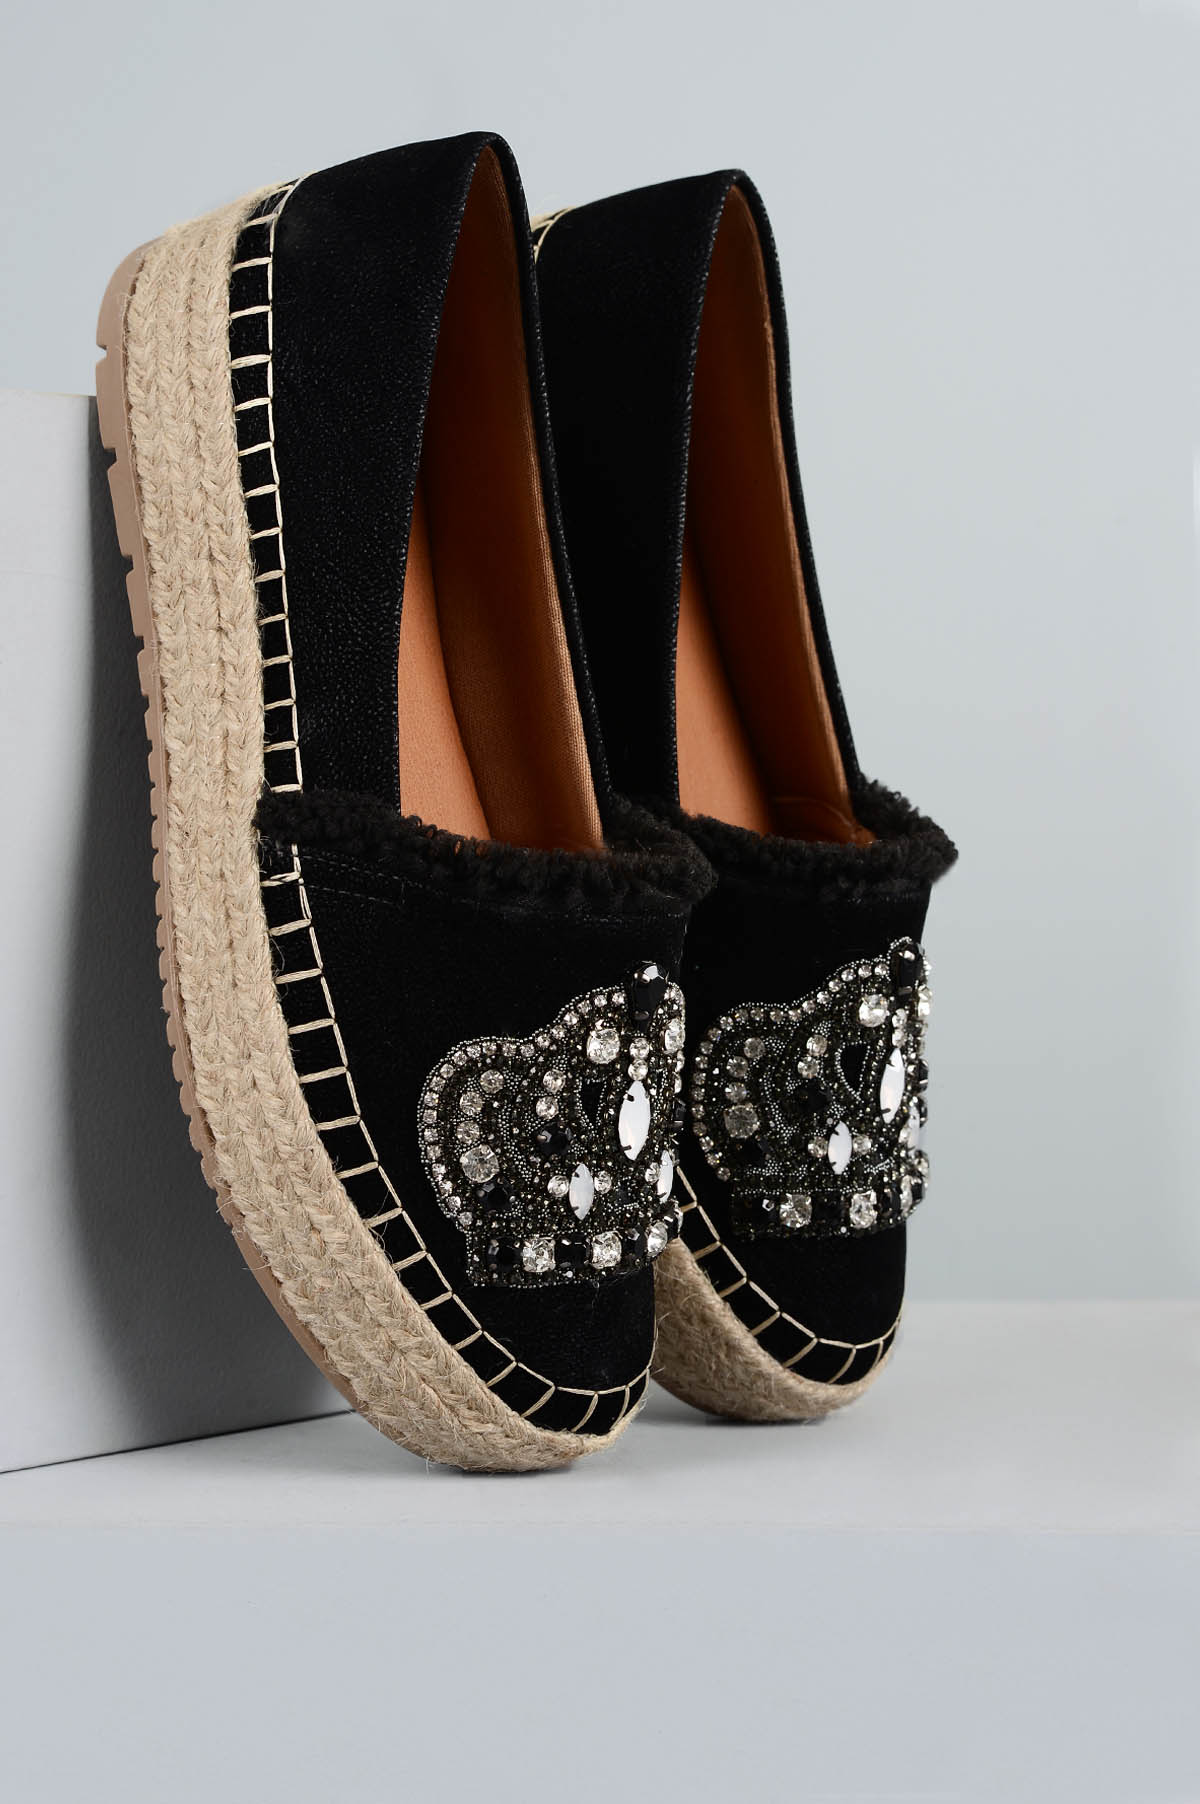 e9c76c7866f66 Sapato Feminino Espadrille Coroa Mundial NB - PRETO - Mundial Calçados